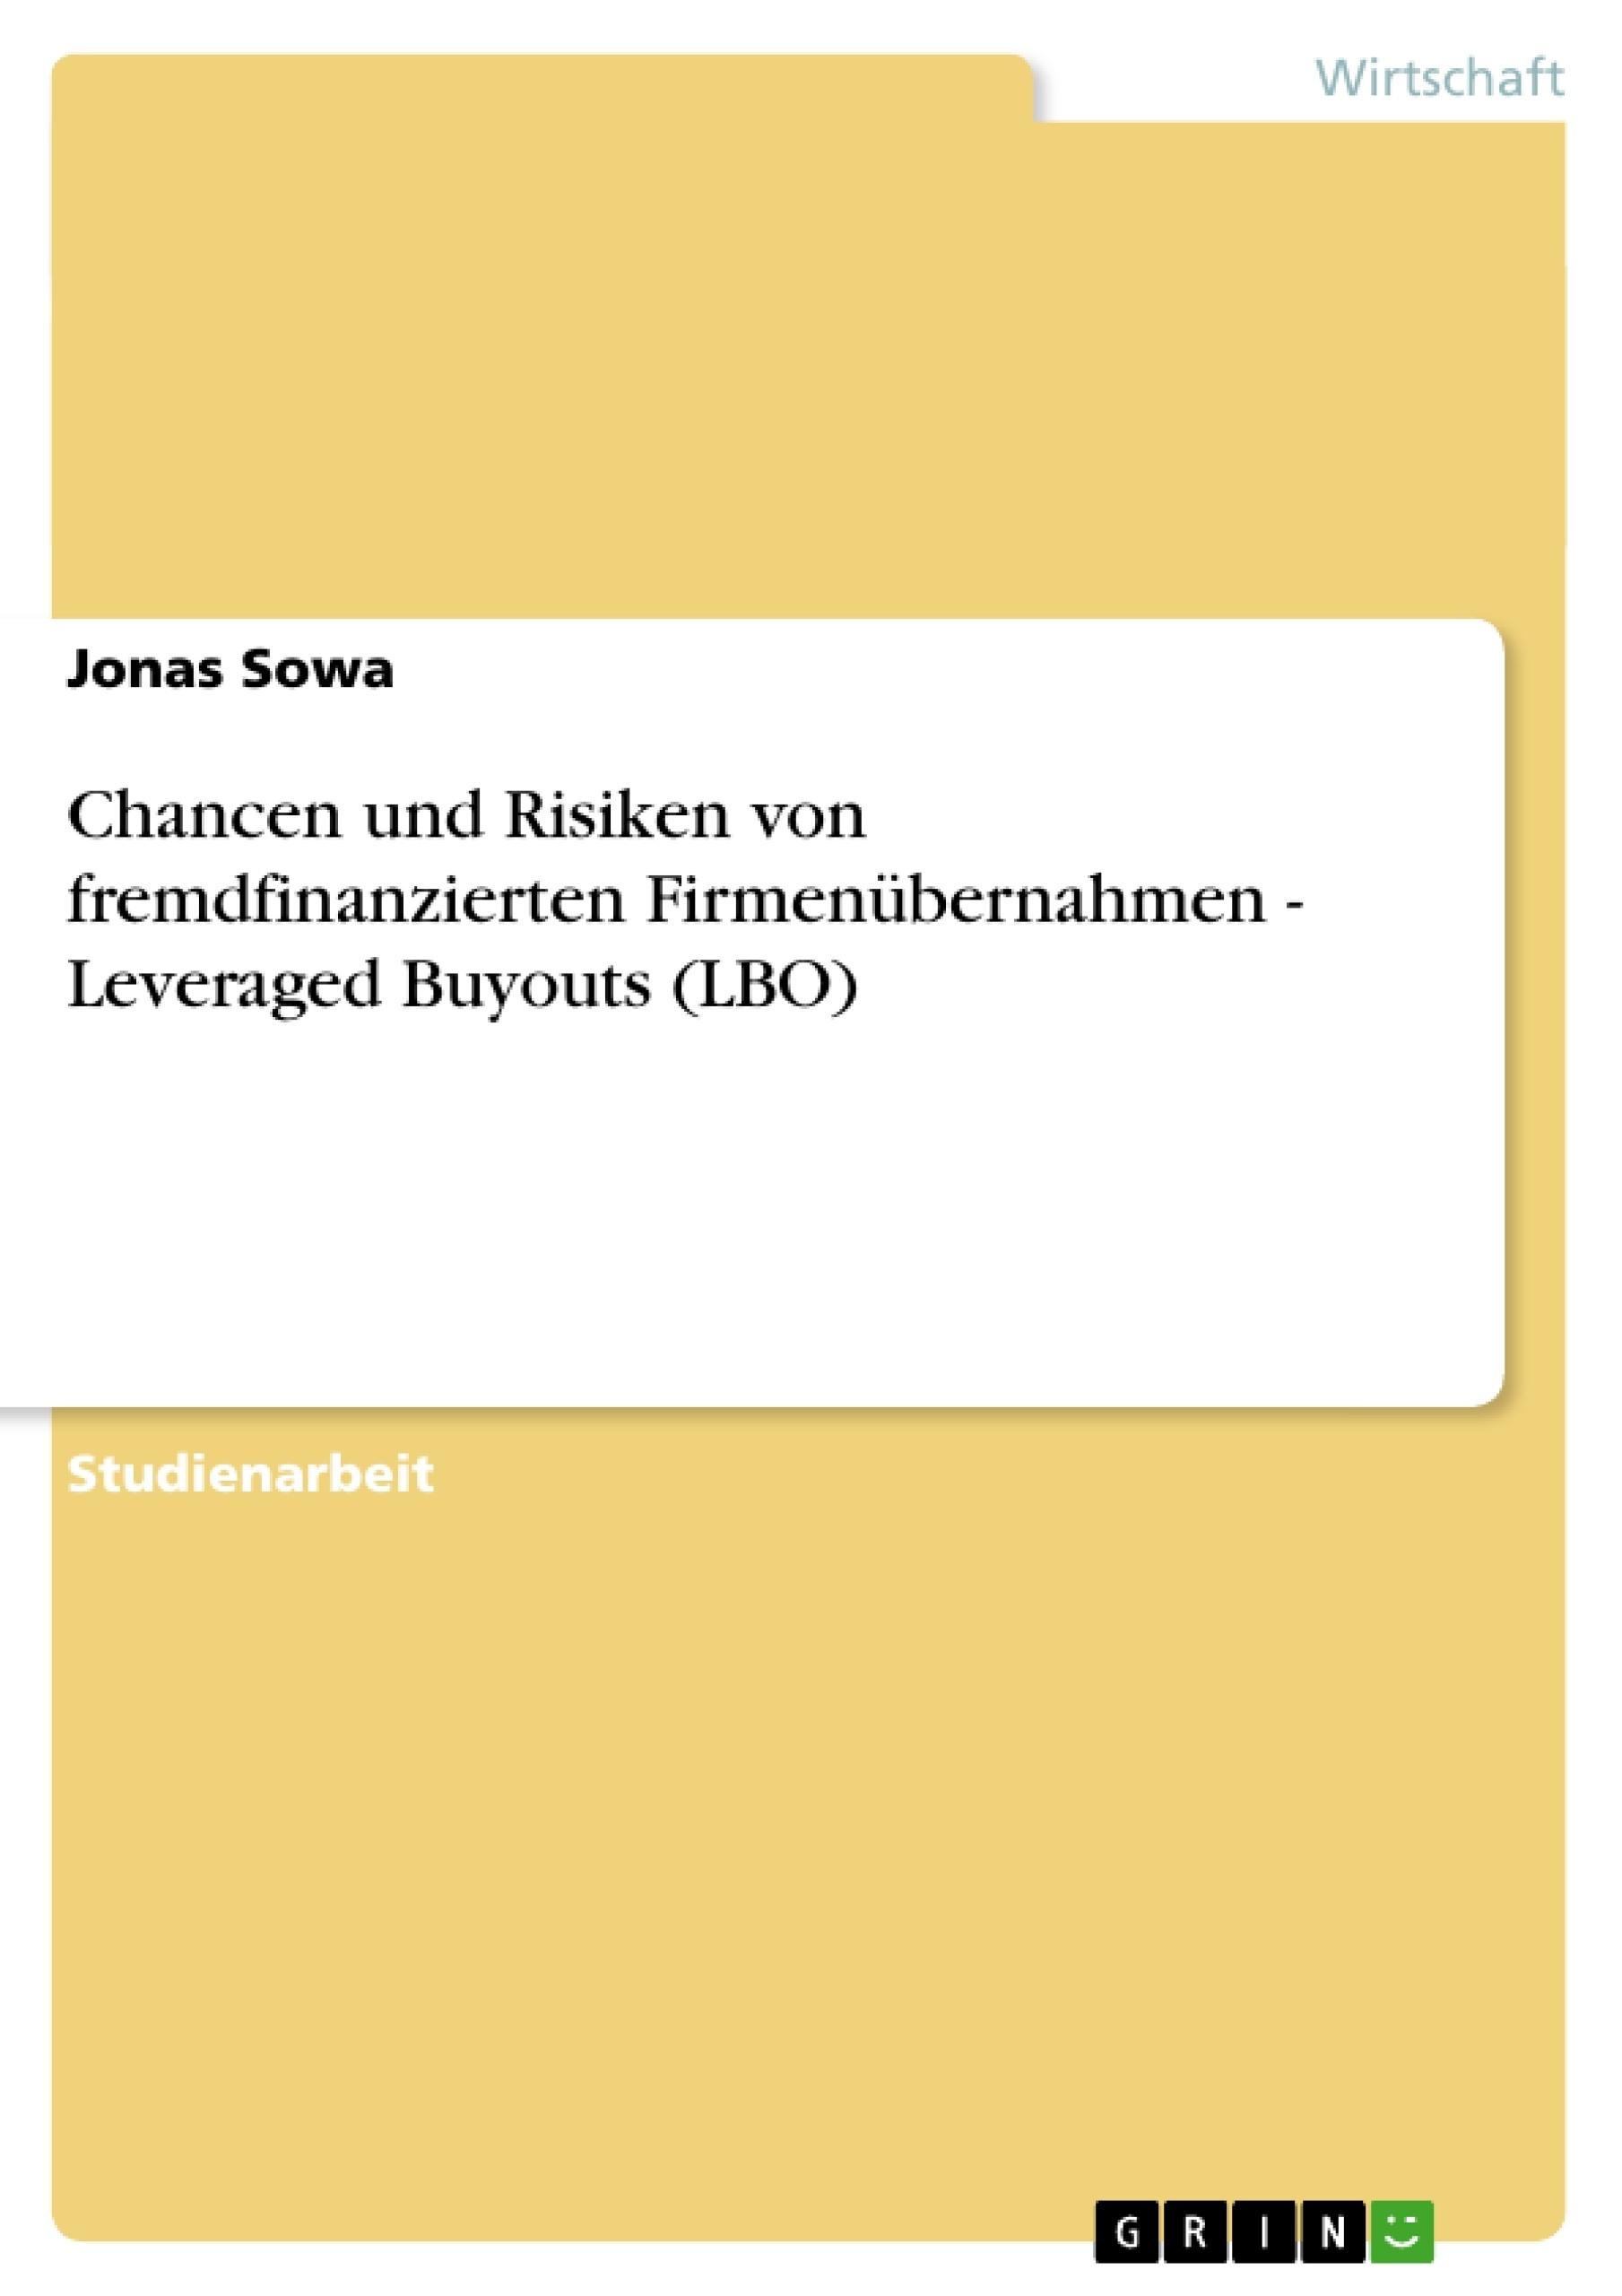 Titel: Chancen und Risiken von fremdfinanzierten Firmenübernahmen  -  Leveraged Buyouts (LBO)